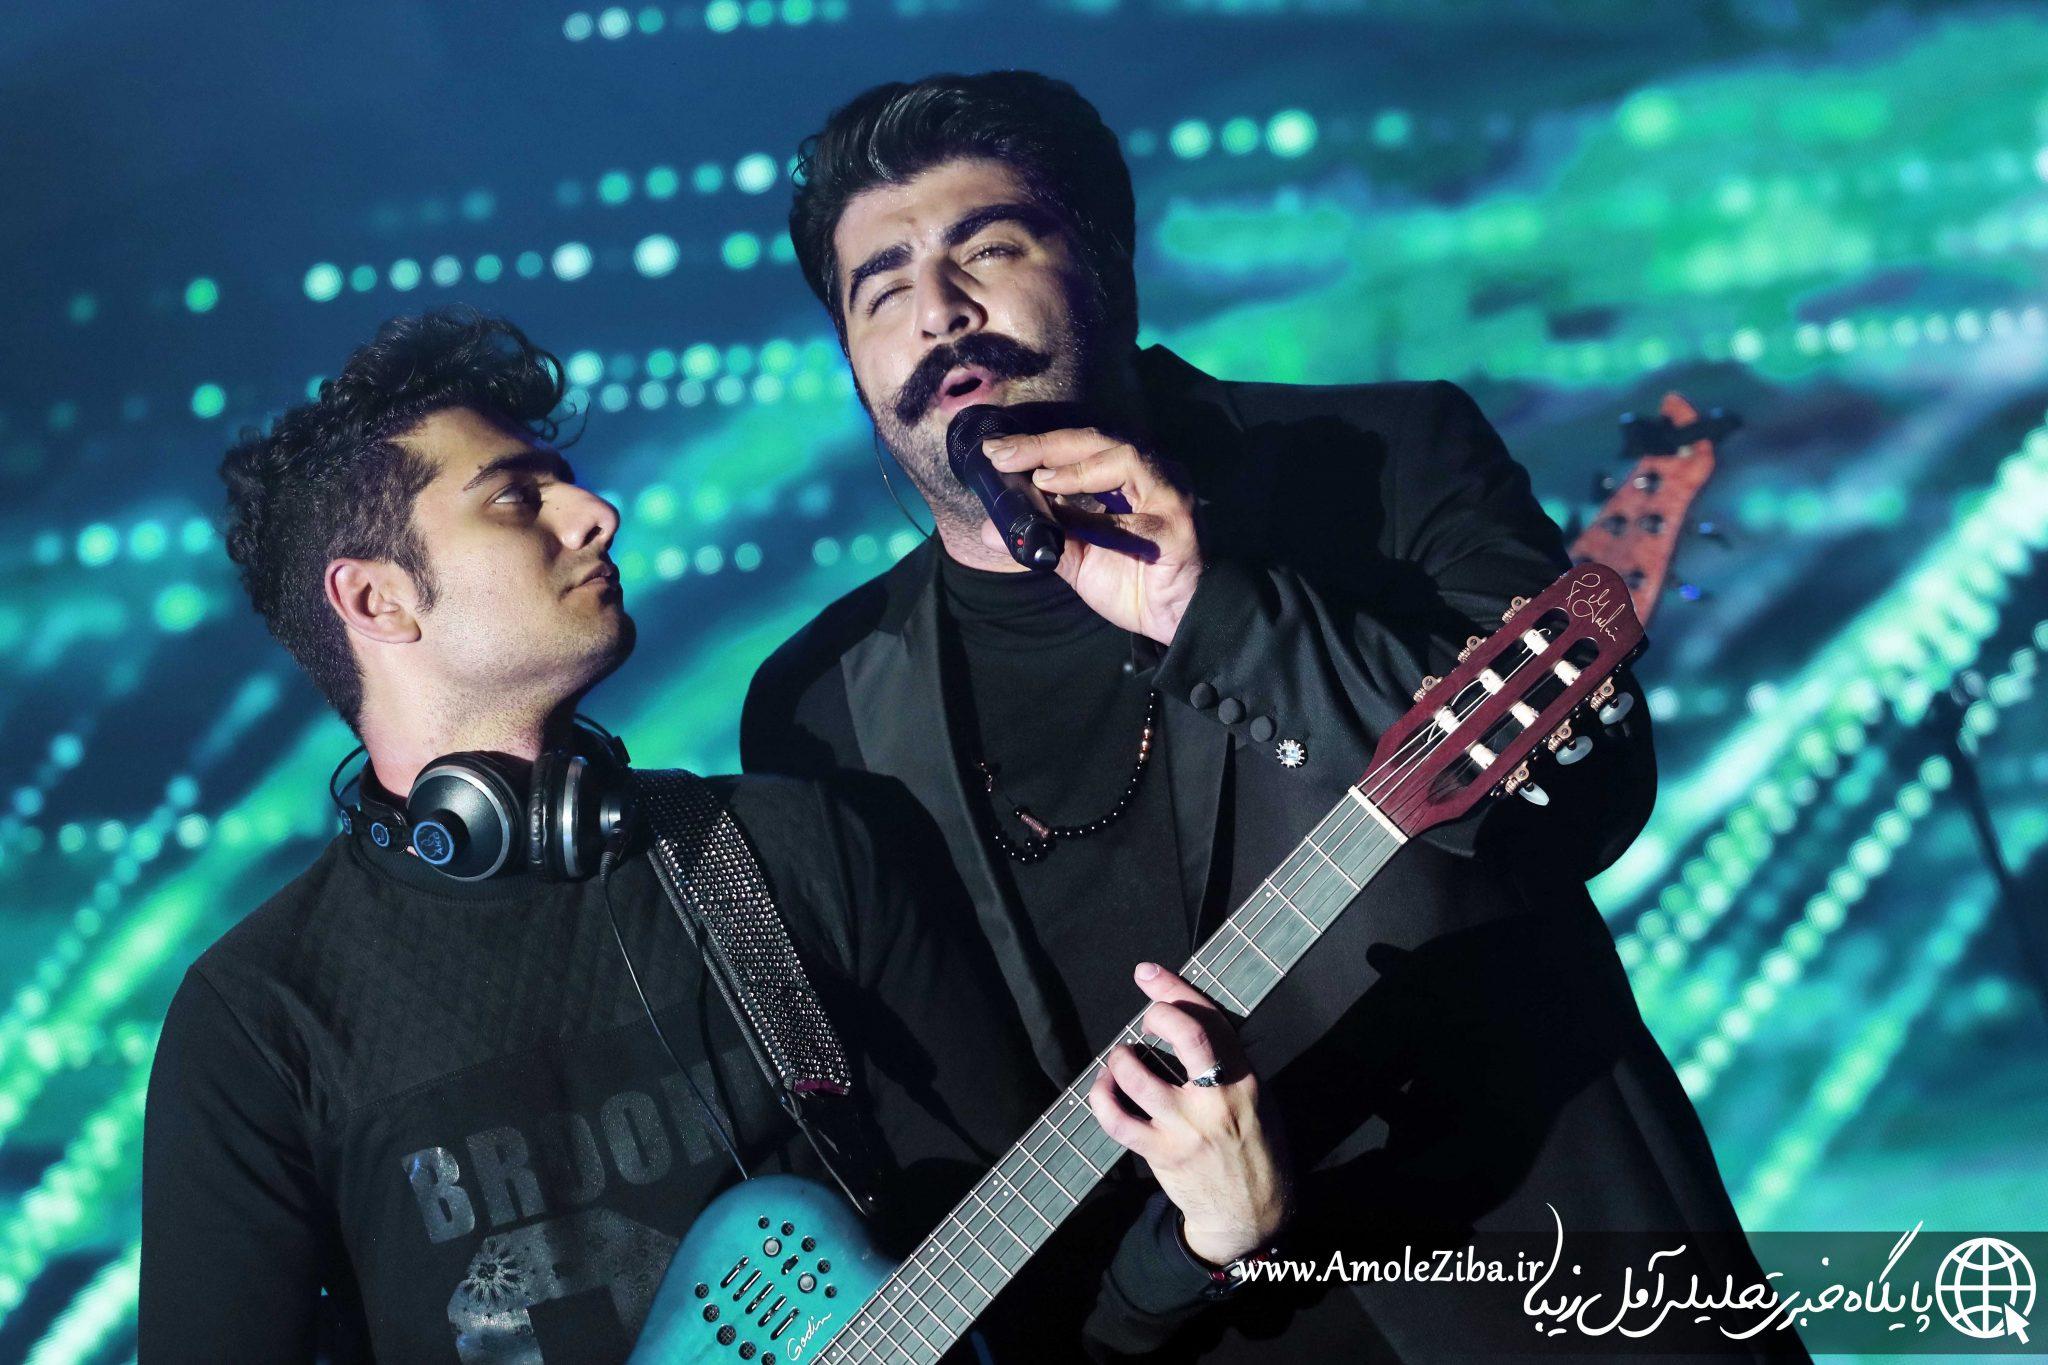 گزارش تصویری از کنسرت بهنام بانی / 24دی سالن اریکه آریایی آمل